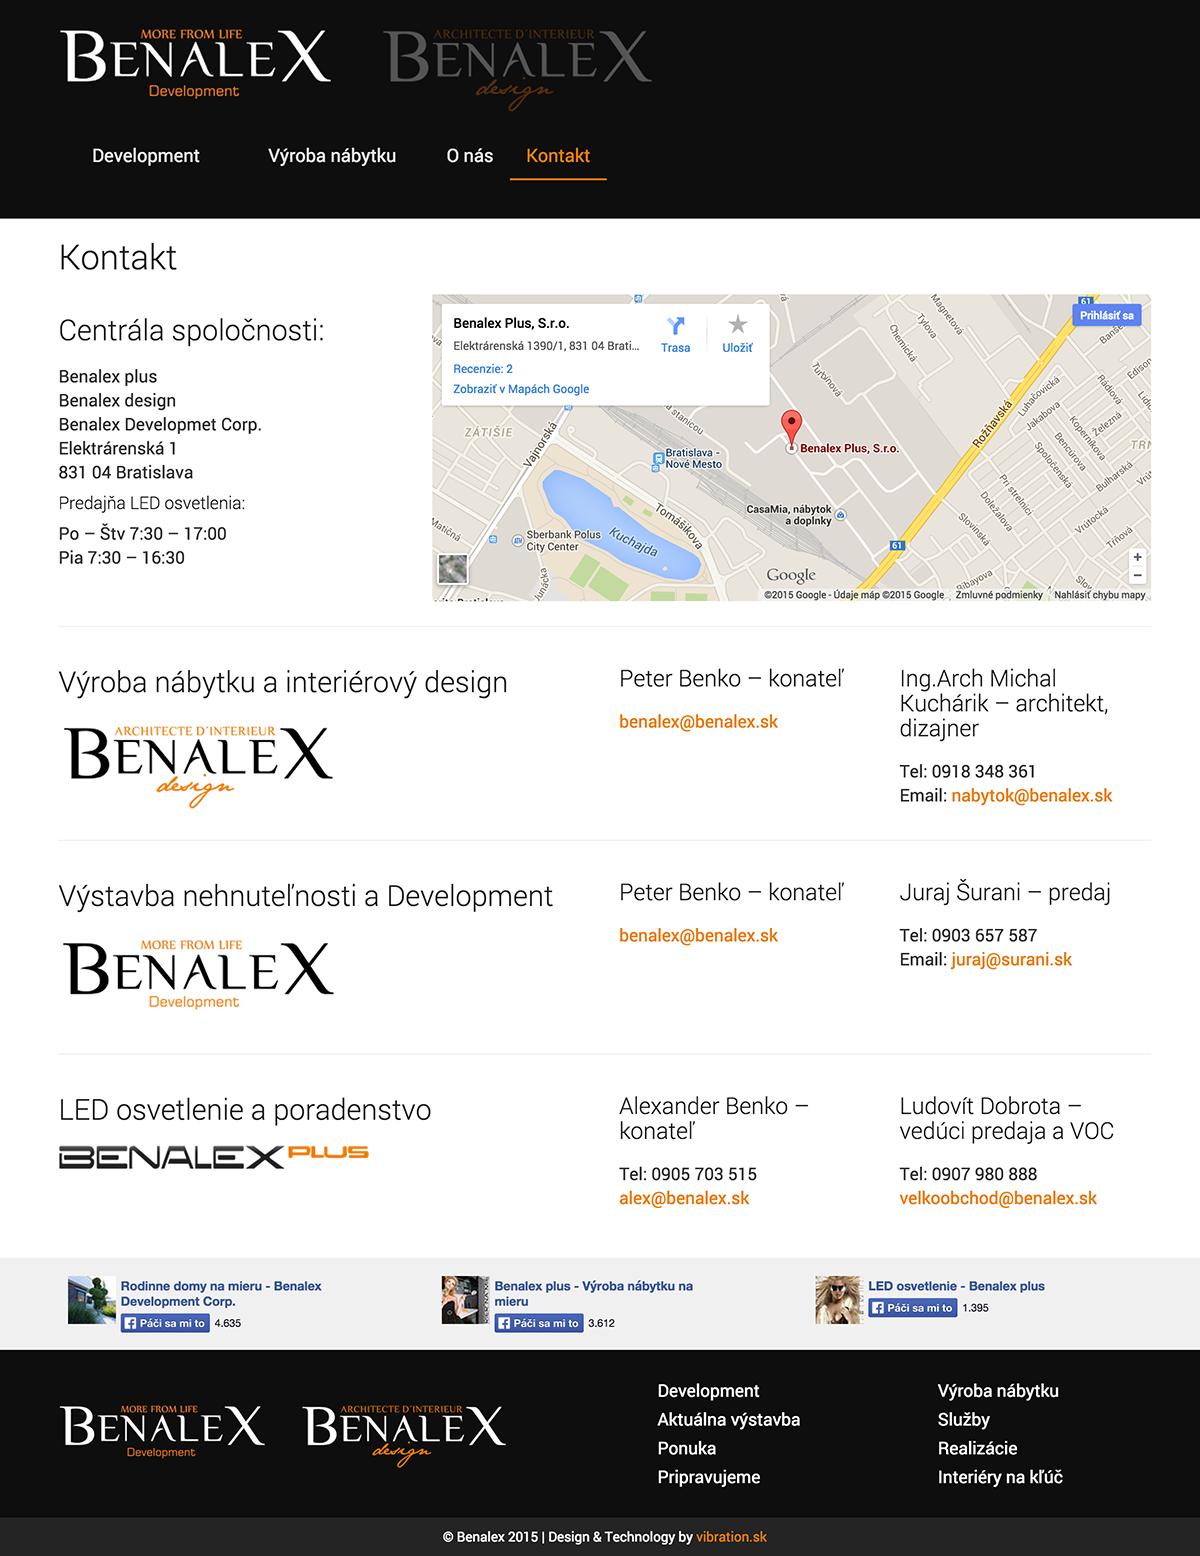 Kontakt Benalex design s.r.o. – výroba nábytku na mieru